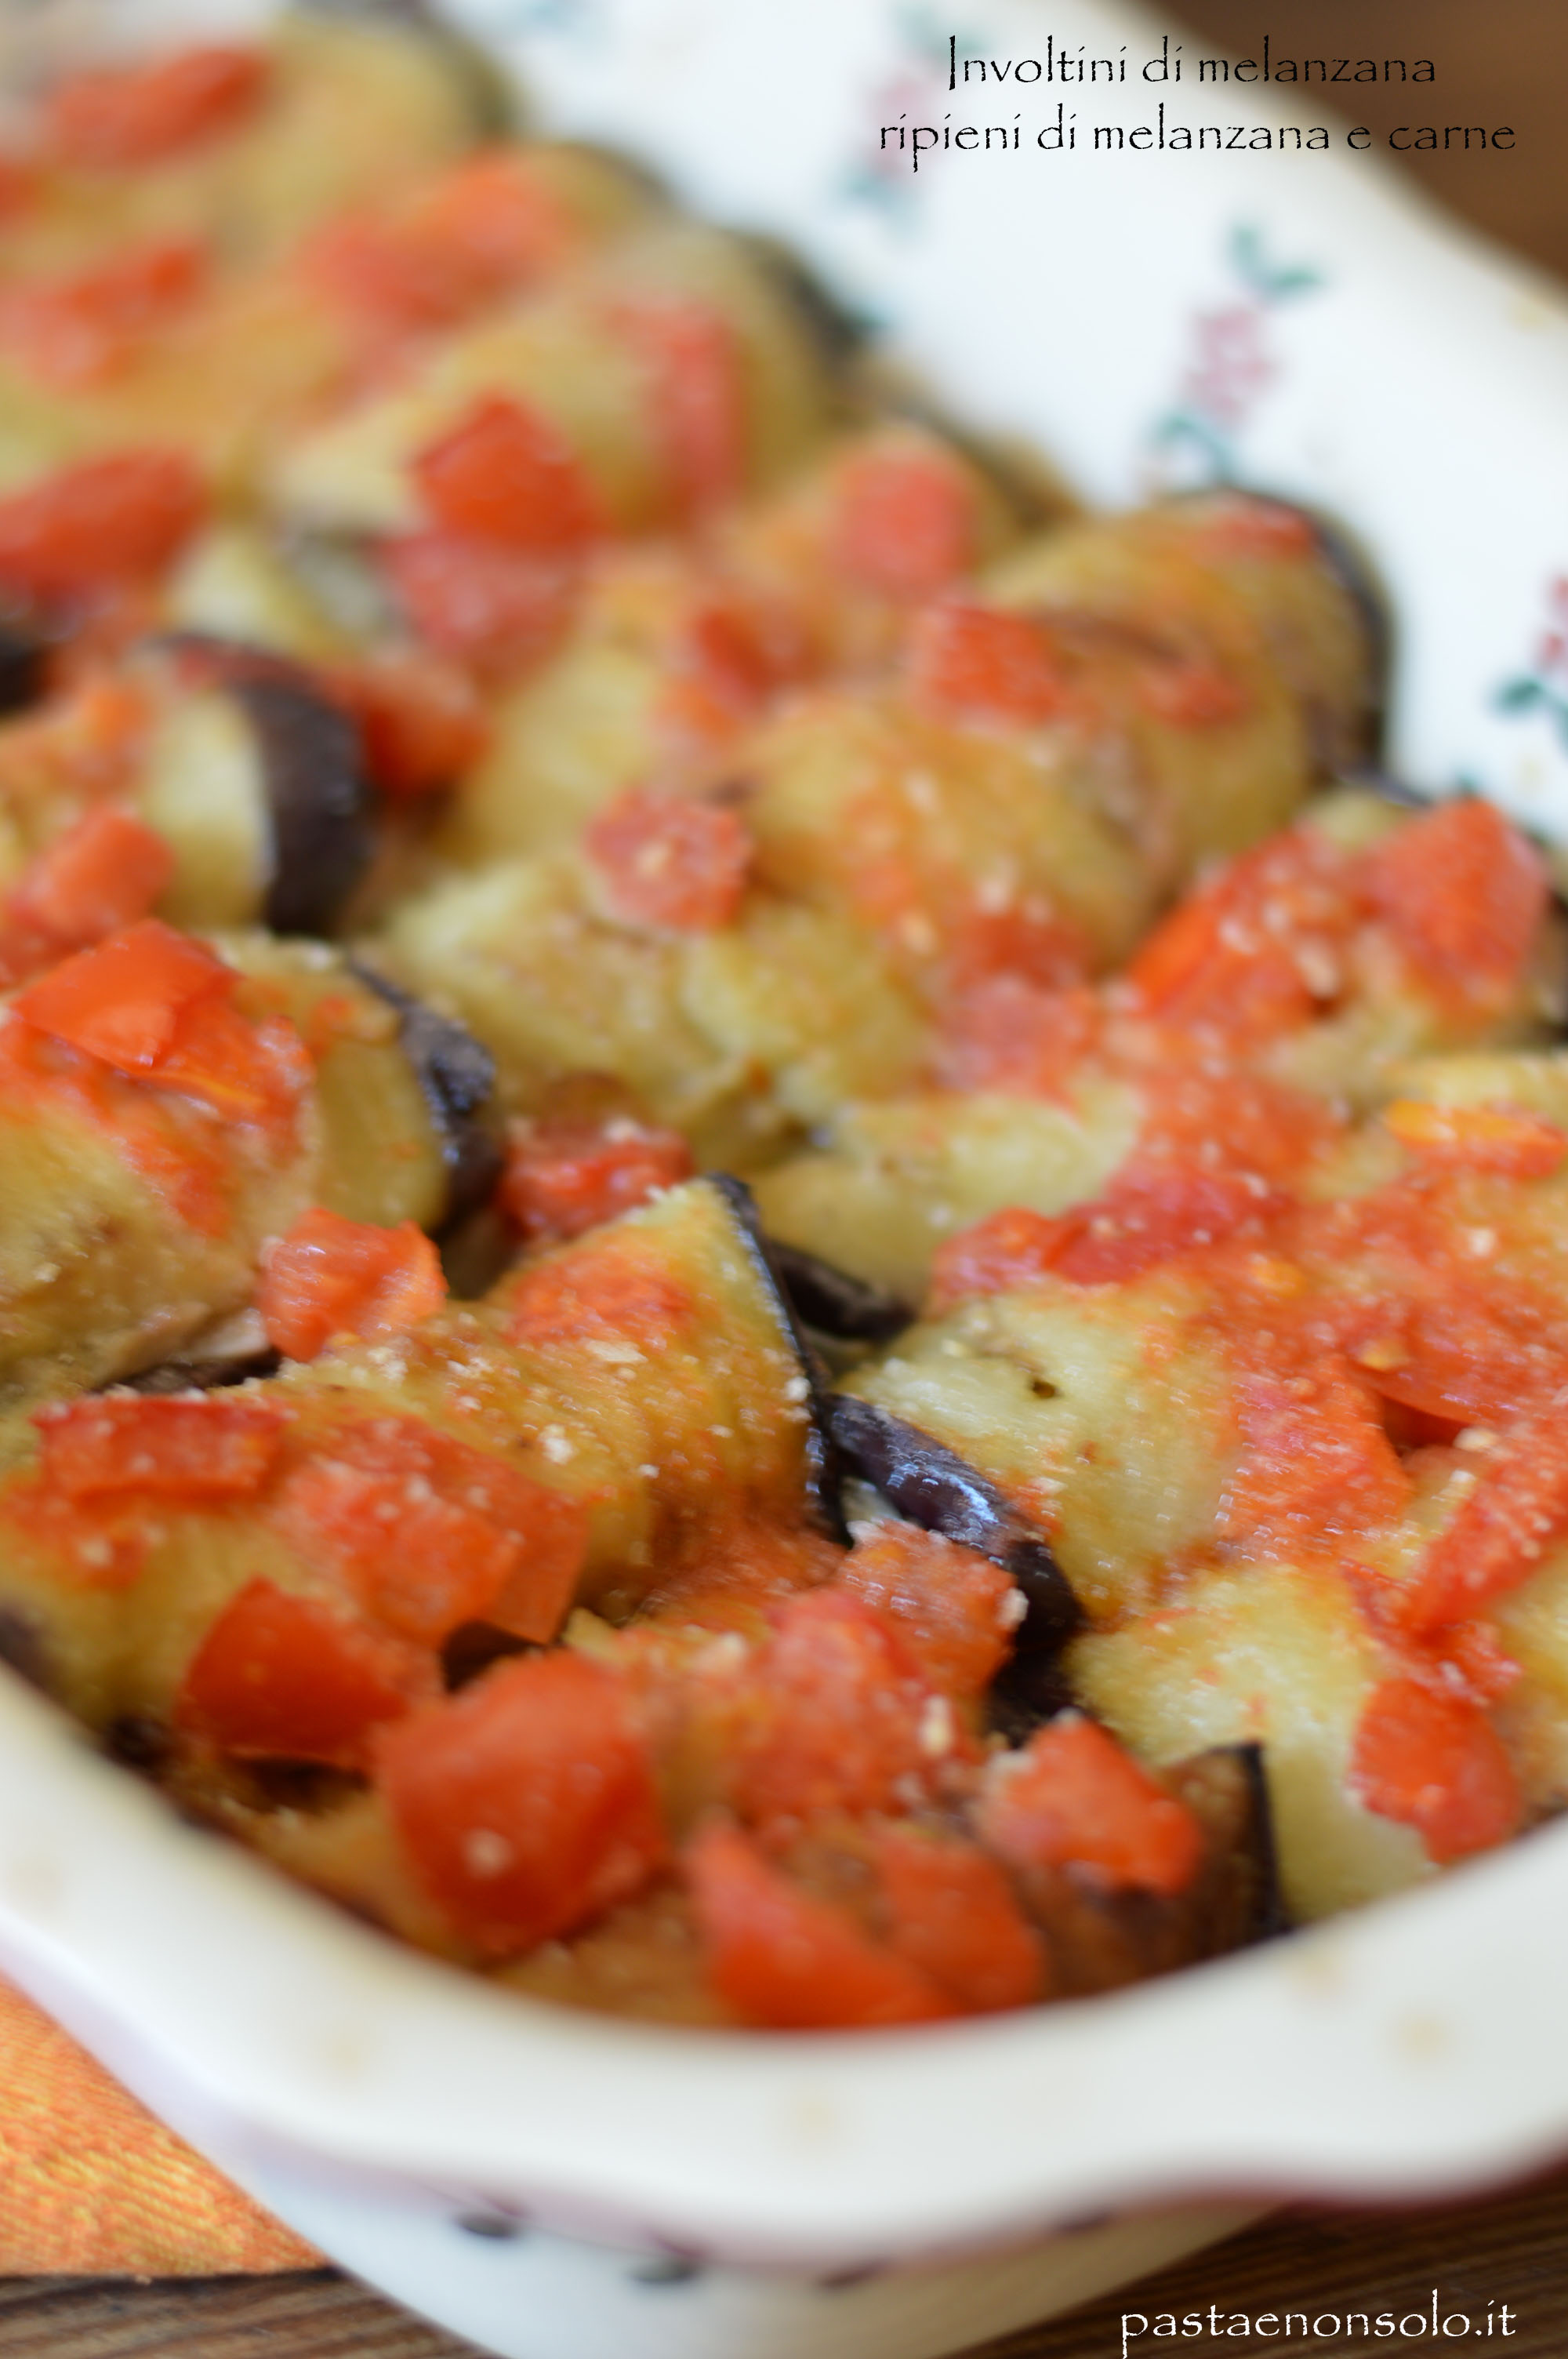 involtini di melanzana ripieni di melanzana e carne